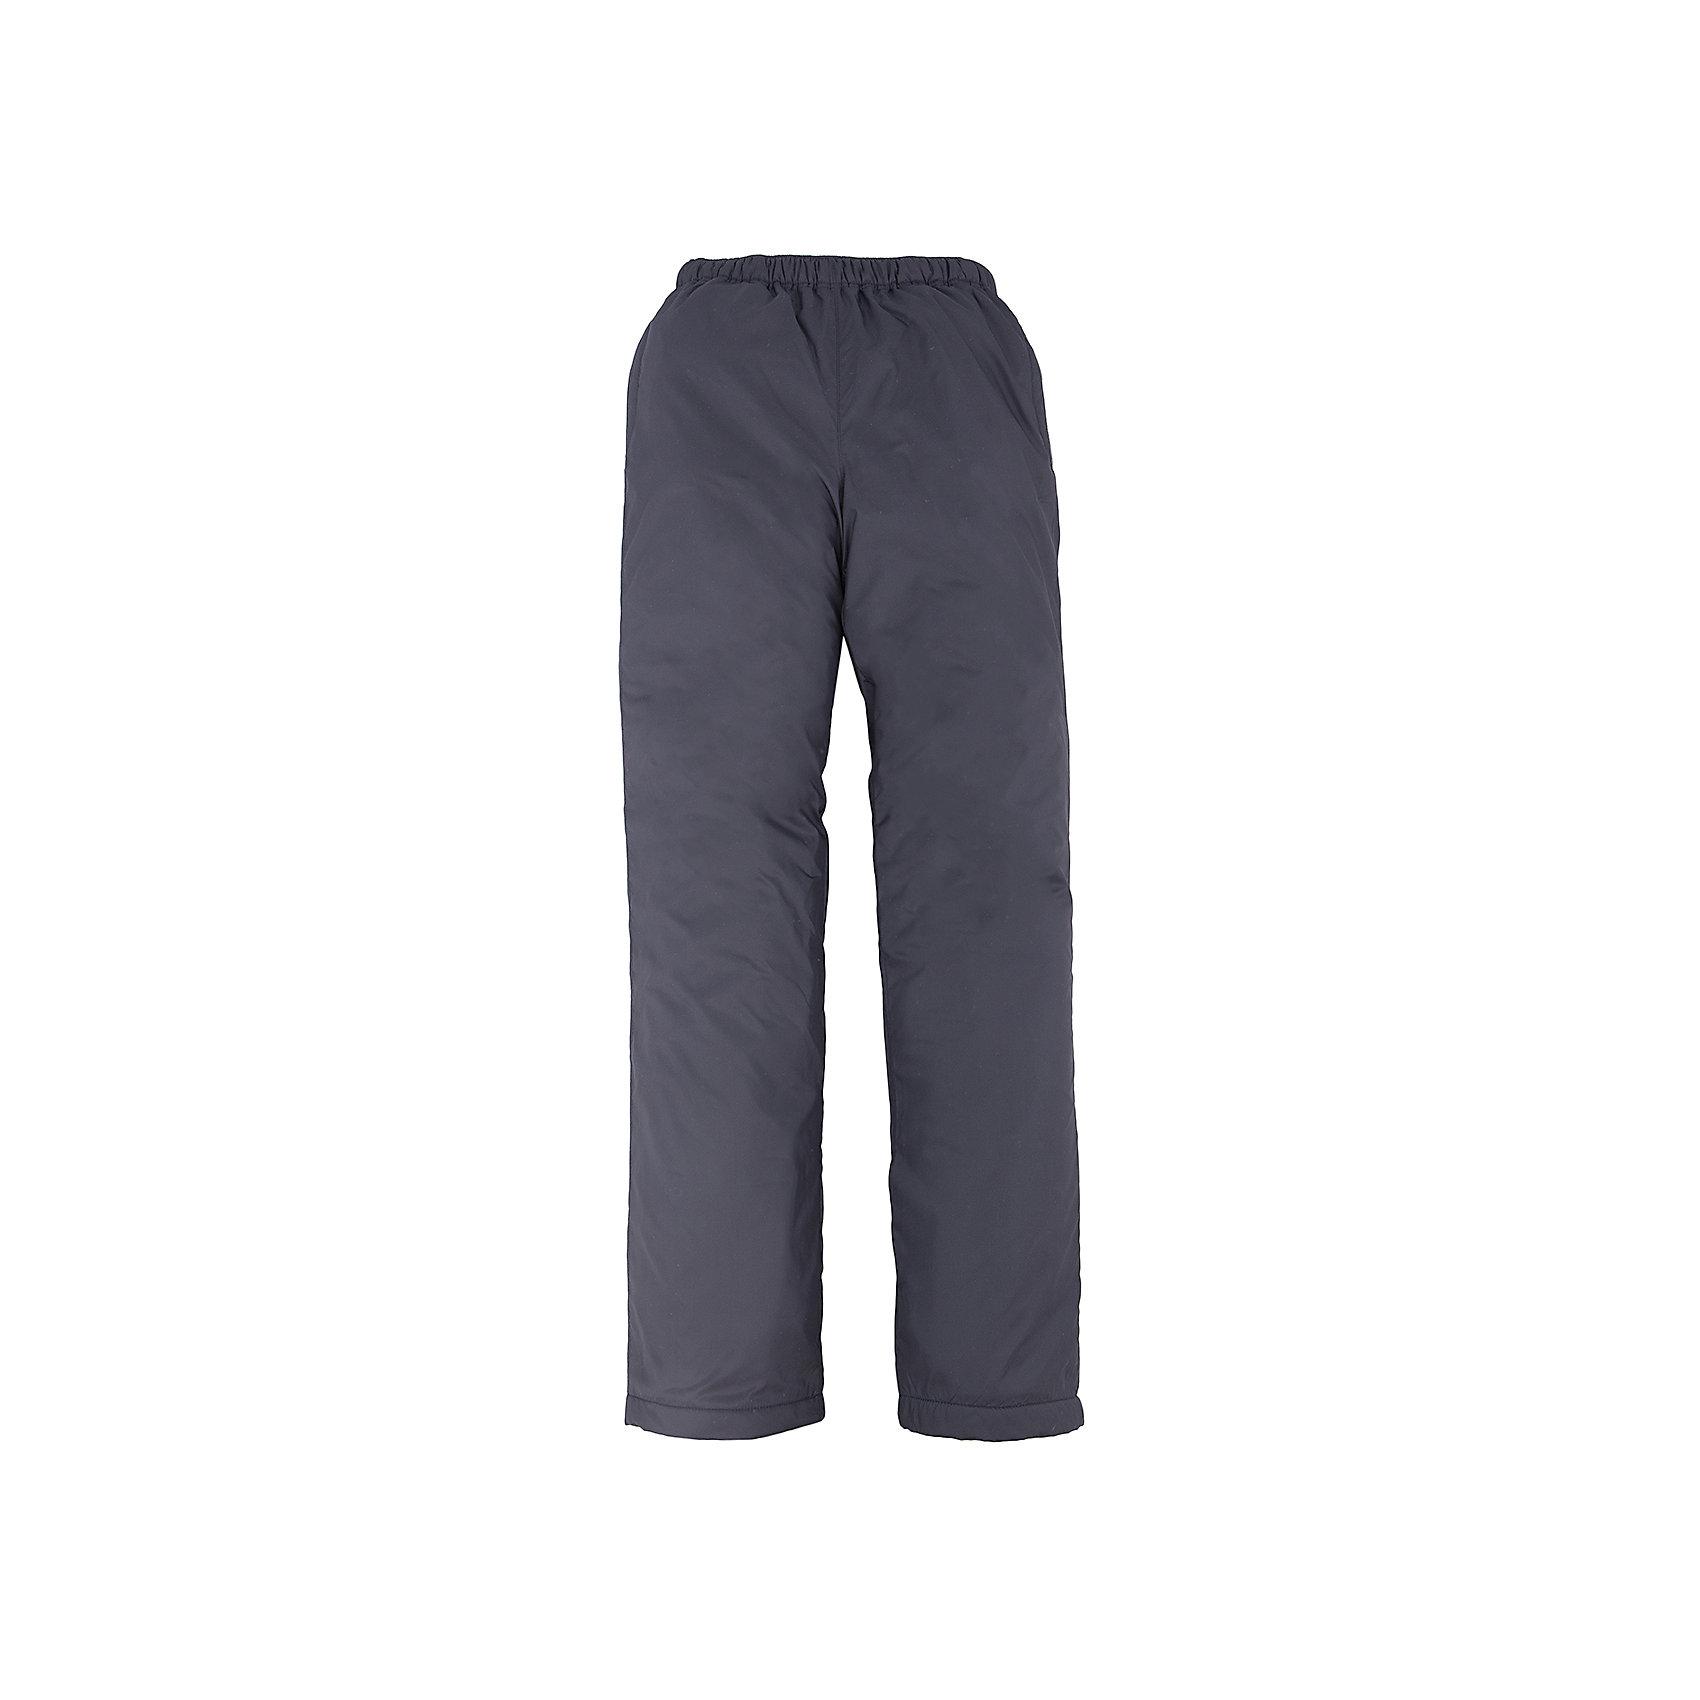 Брюки для девочки SELAВерхняя одежда<br>Такие утепленные брюки - незаменимая вещь в прохладное время года. Эта модель отлично сидит на ребенке, она сшита из плотного материала, позволяет заниматься спортом на свежем воздухе зимой. Мягкая подкладка не вызывает аллергии и обеспечивает ребенку комфорт. Модель станет отличной базовой вещью, которая будет уместна в различных сочетаниях.<br>Одежда от бренда Sela (Села) - это качество по приемлемым ценам. Многие российские родители уже оценили преимущества продукции этой компании и всё чаще приобретают одежду и аксессуары Sela.<br><br>Дополнительная информация:<br><br>цвет: серый;<br>материал: 100% ПЭ, подкладка:100% ПЭ;<br>светоотражающие детали;<br>резинка в поясе.<br>Уход: не замачивать; отбеливание запрещено; глажка запрещена; стирка при t не более 30С<br><br>Брюки для девочки от бренда Sela можно купить в нашем интернет-магазине.<br><br>Ширина мм: 215<br>Глубина мм: 88<br>Высота мм: 191<br>Вес г: 336<br>Цвет: серый<br>Возраст от месяцев: 72<br>Возраст до месяцев: 84<br>Пол: Женский<br>Возраст: Детский<br>Размер: 122,140,116,146,152,128,134<br>SKU: 4944122